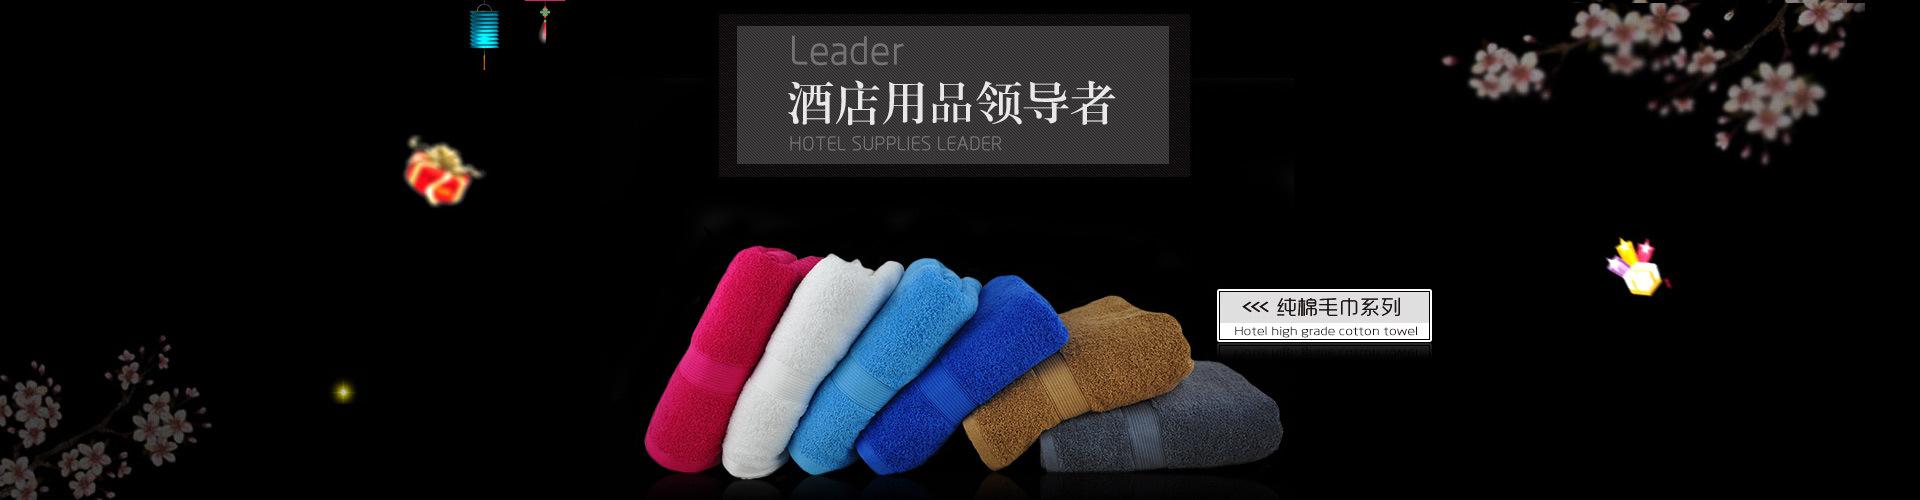 纺织品|质量好的纺织品万博manbetx地址|纺织品厂家批发